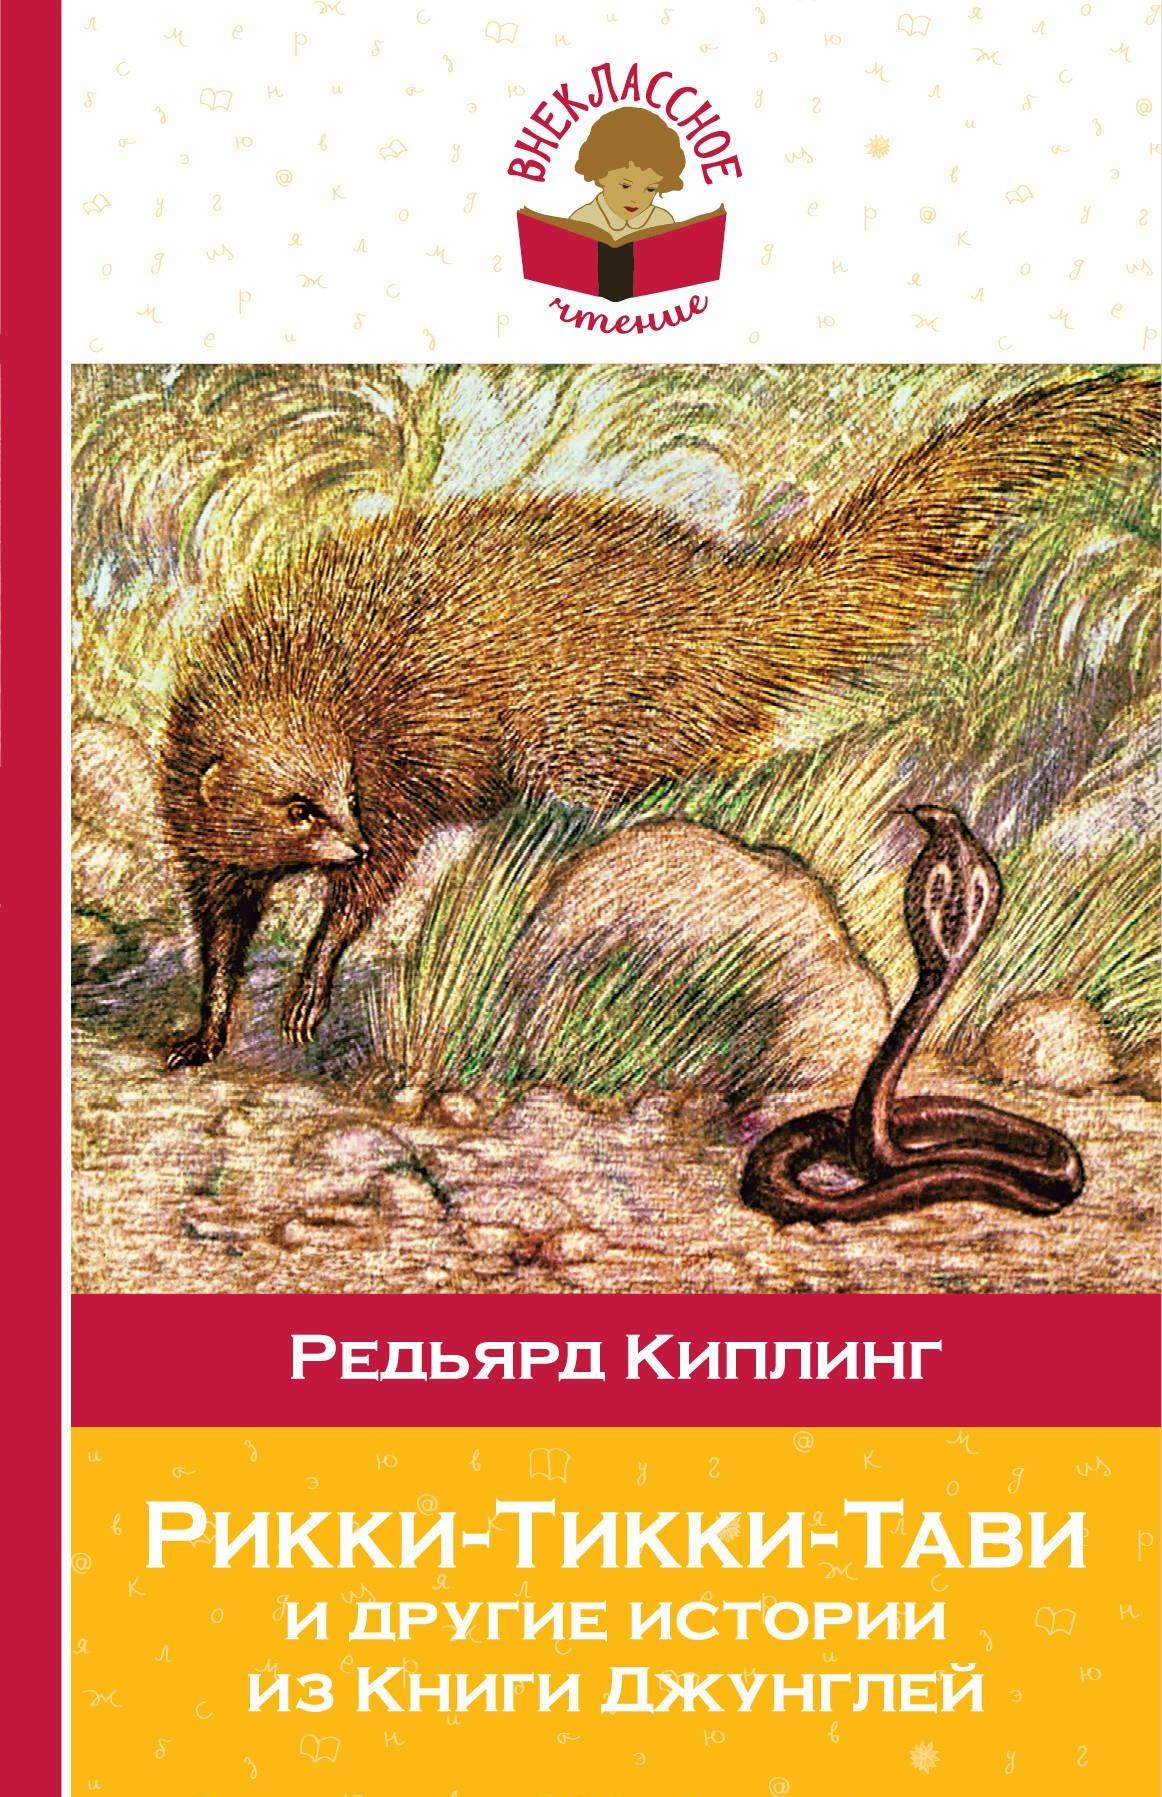 Купить Рикки-Тикки-Тави и другие истории из Книги джунглей, Редьярд Киплинг, 978-5-04-092709-8